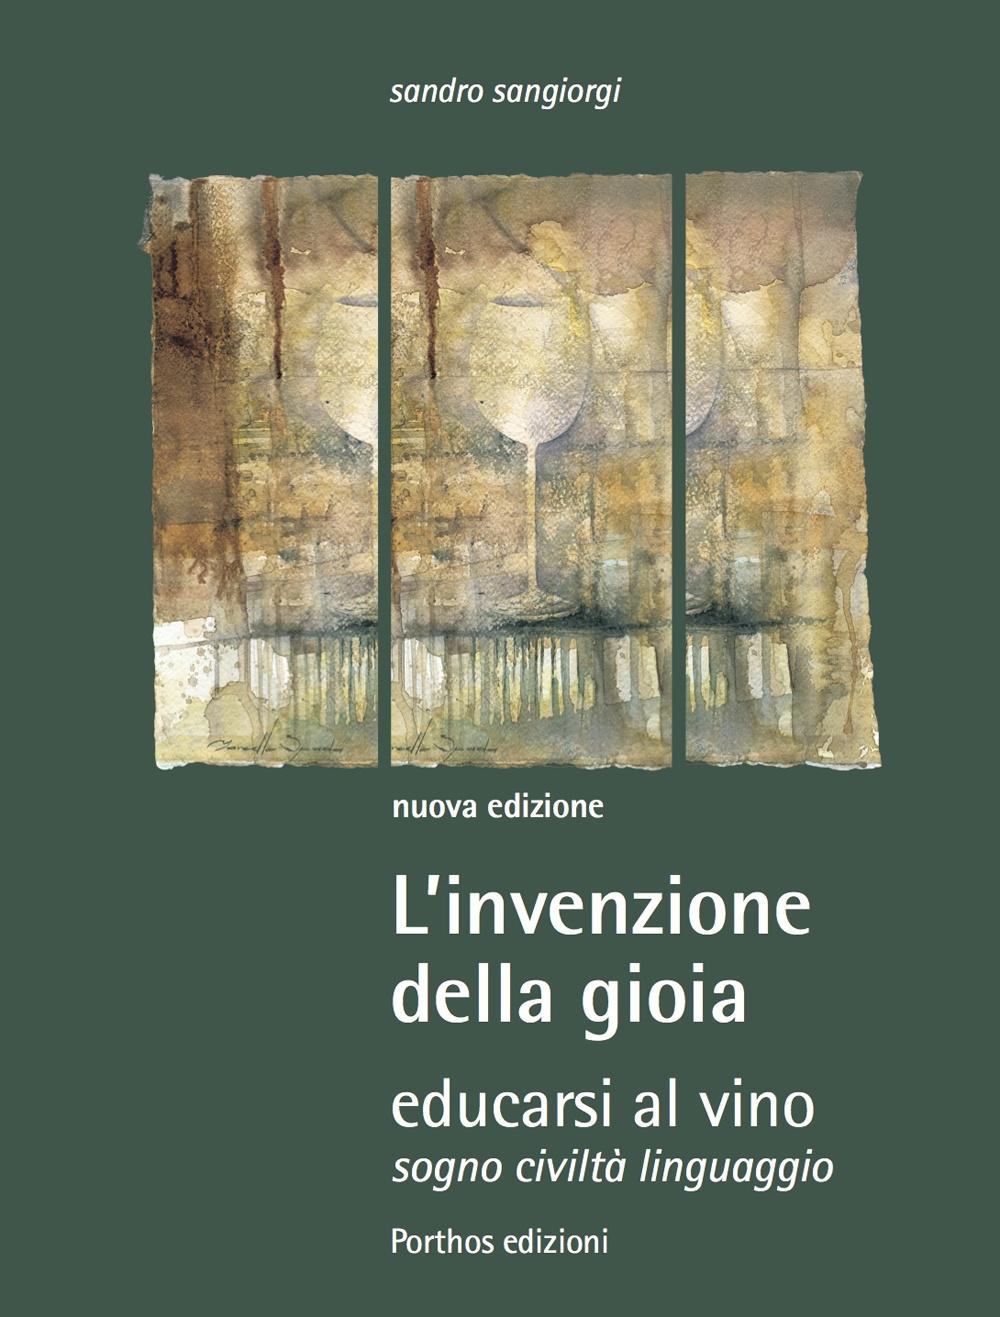 Sandro Sangiorgi L' invenzione della gioia. Educarsi al vino. Sogno, civiltà, linguaggio Sandro Sangiorgi ISBN:9788890536069